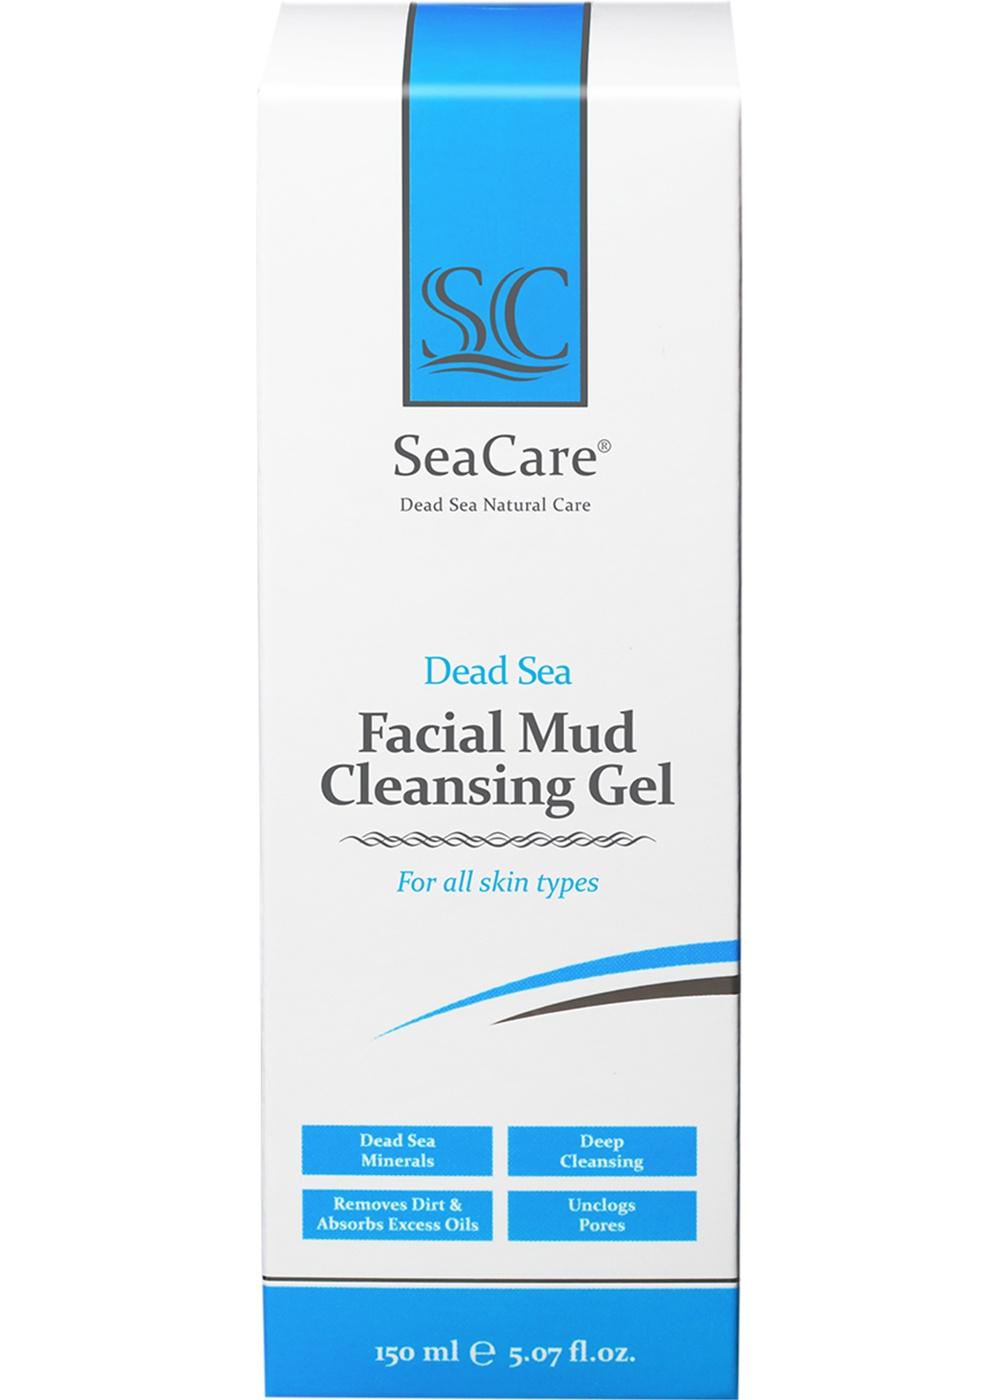 Грязевой очищающий гель для лица с минералами Мертвого Моря и пентавитином, 150 мл, SeaCare SeaCare